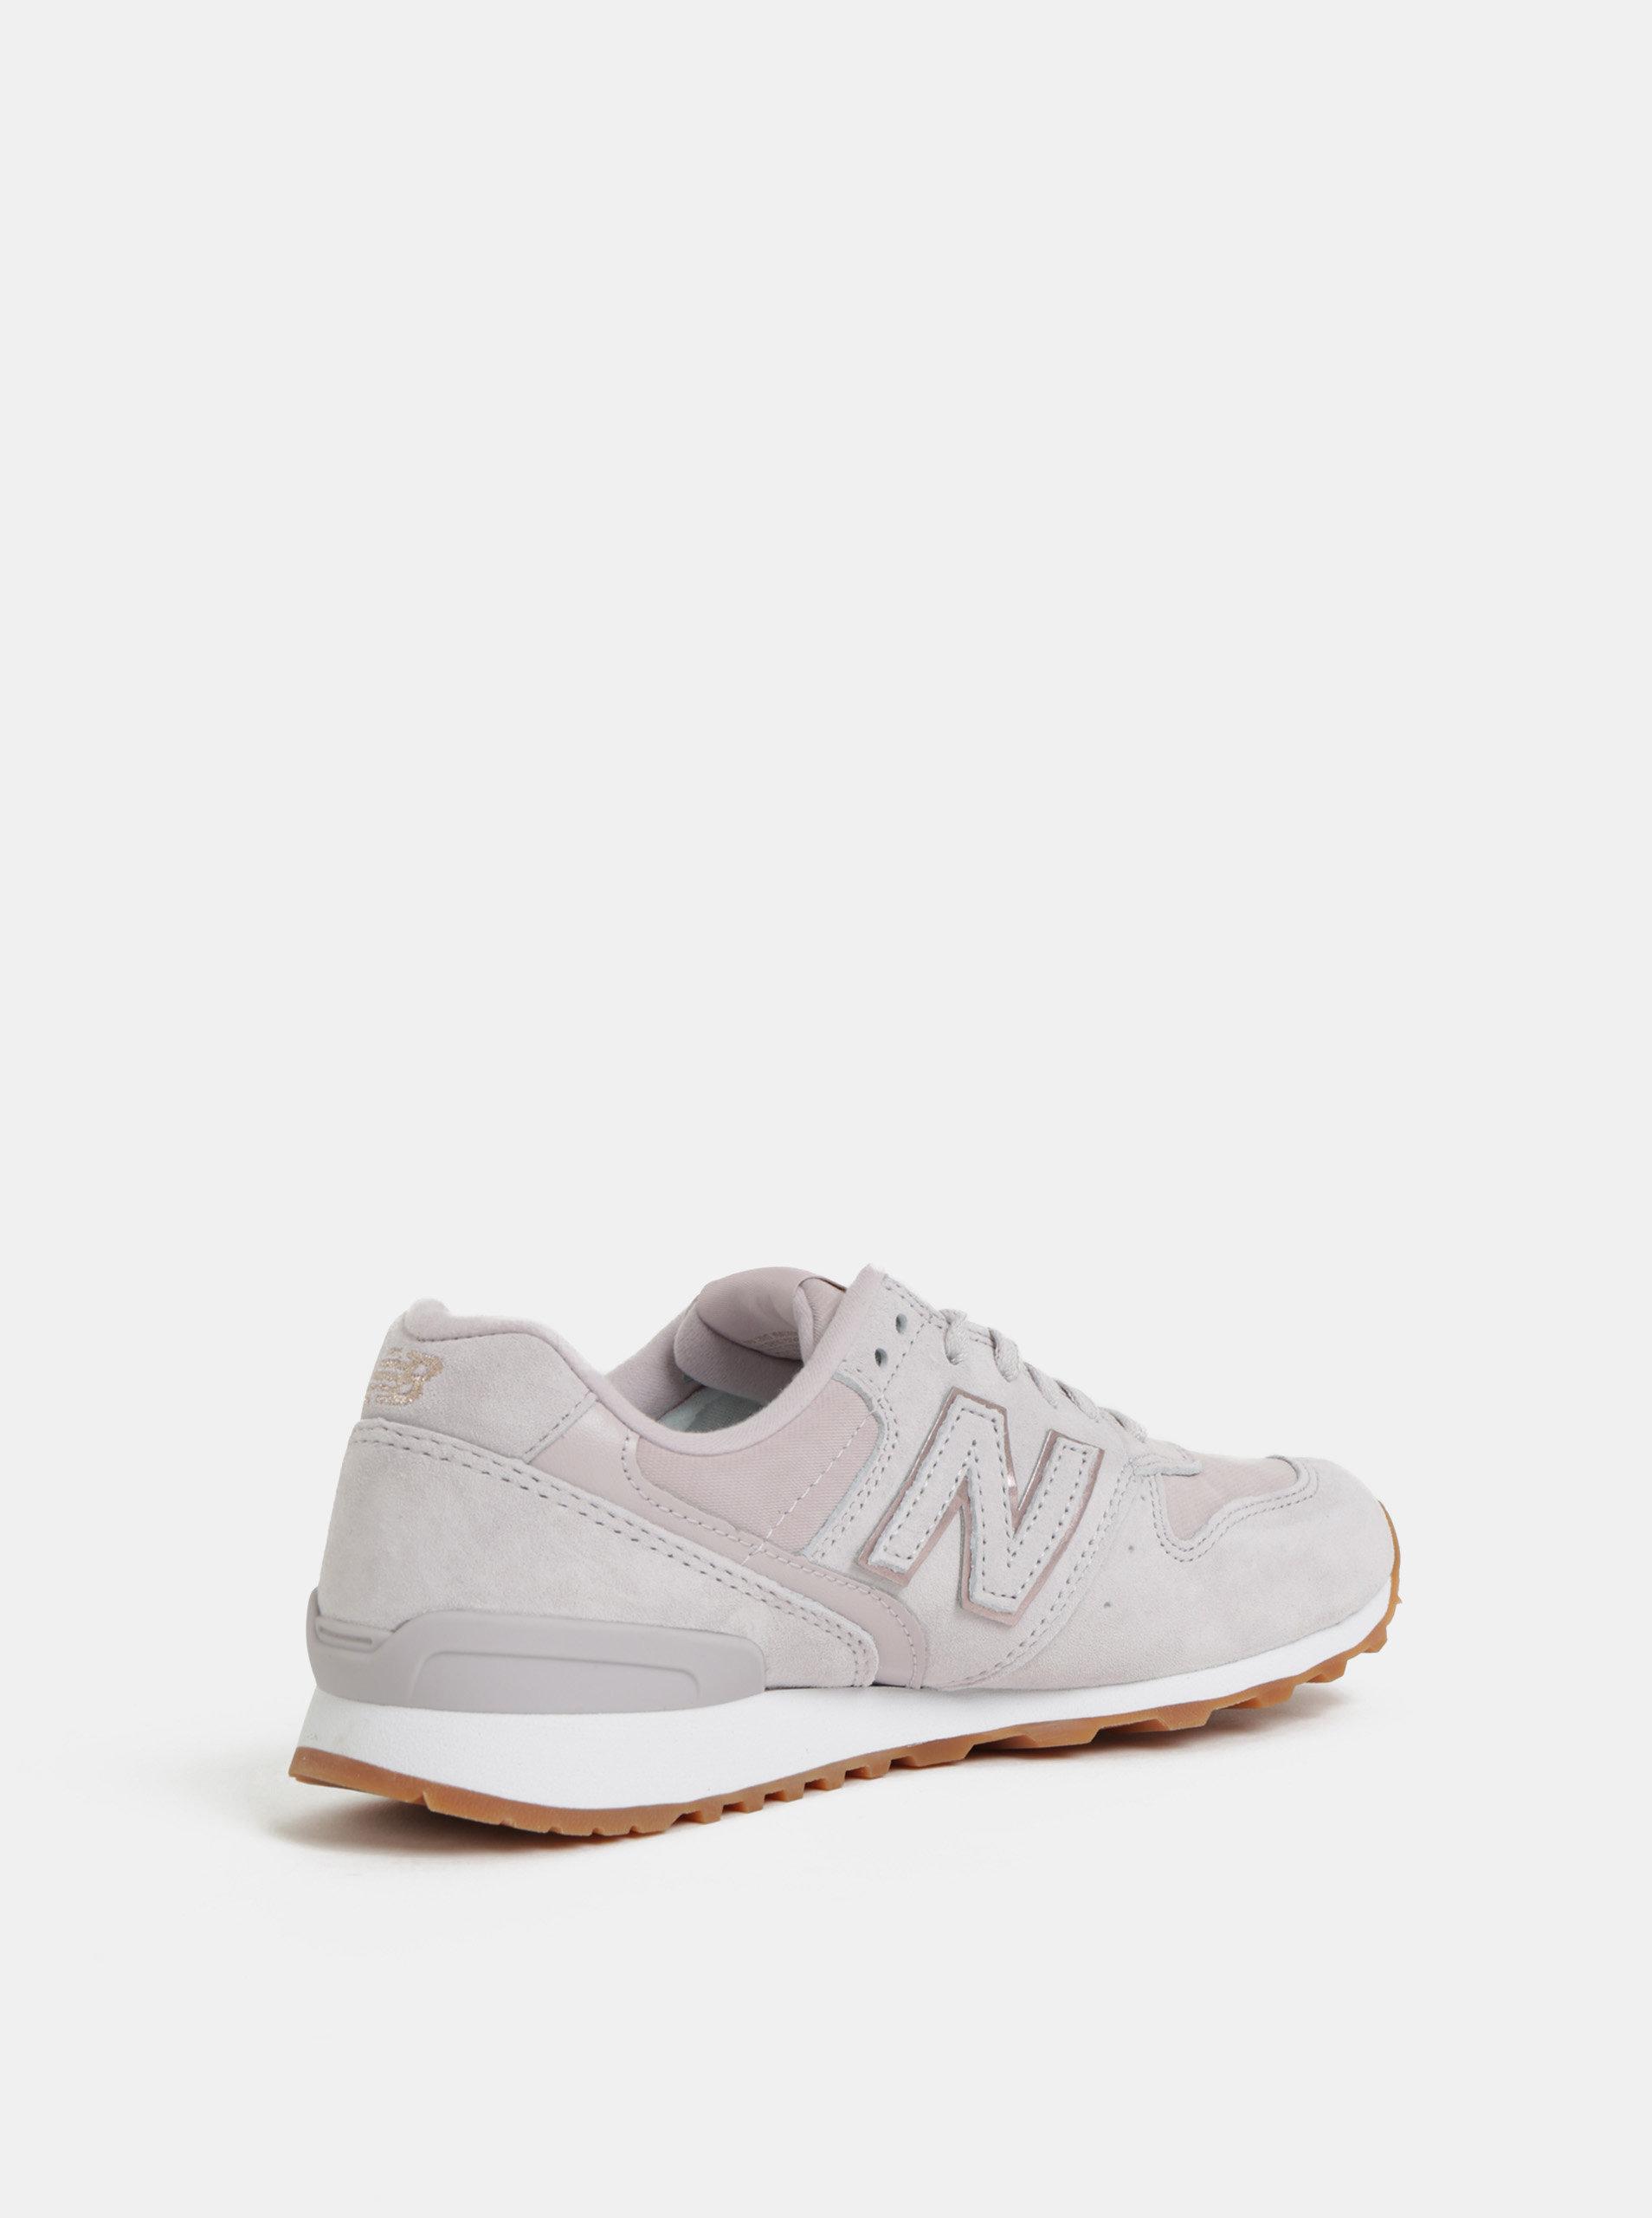 b061aa1ff108 Staroružové dámske semišové tenisky New Balance 996 ...